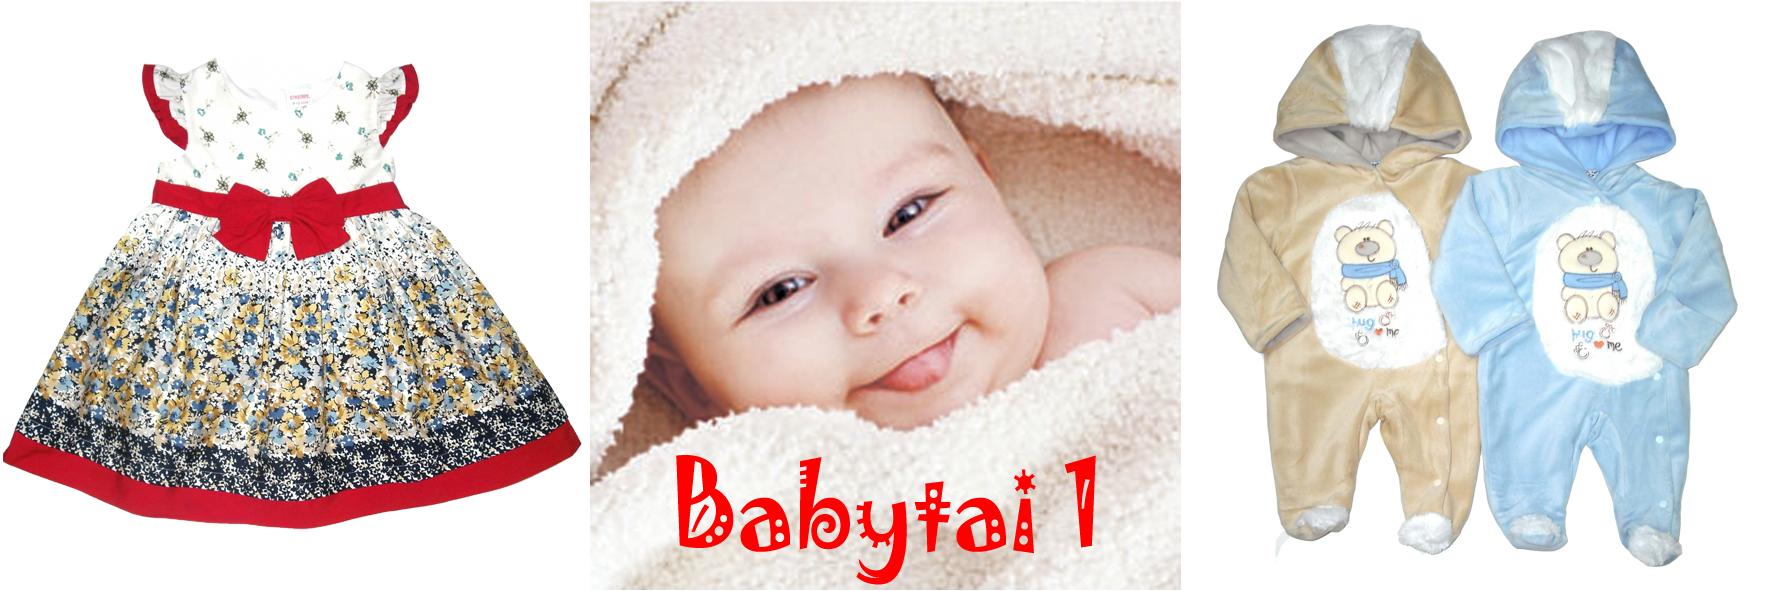 ���� �������. Babytai - ������� ����� ������� ������ �� 0 � ������. ����������� ������ � �������. ����� 1